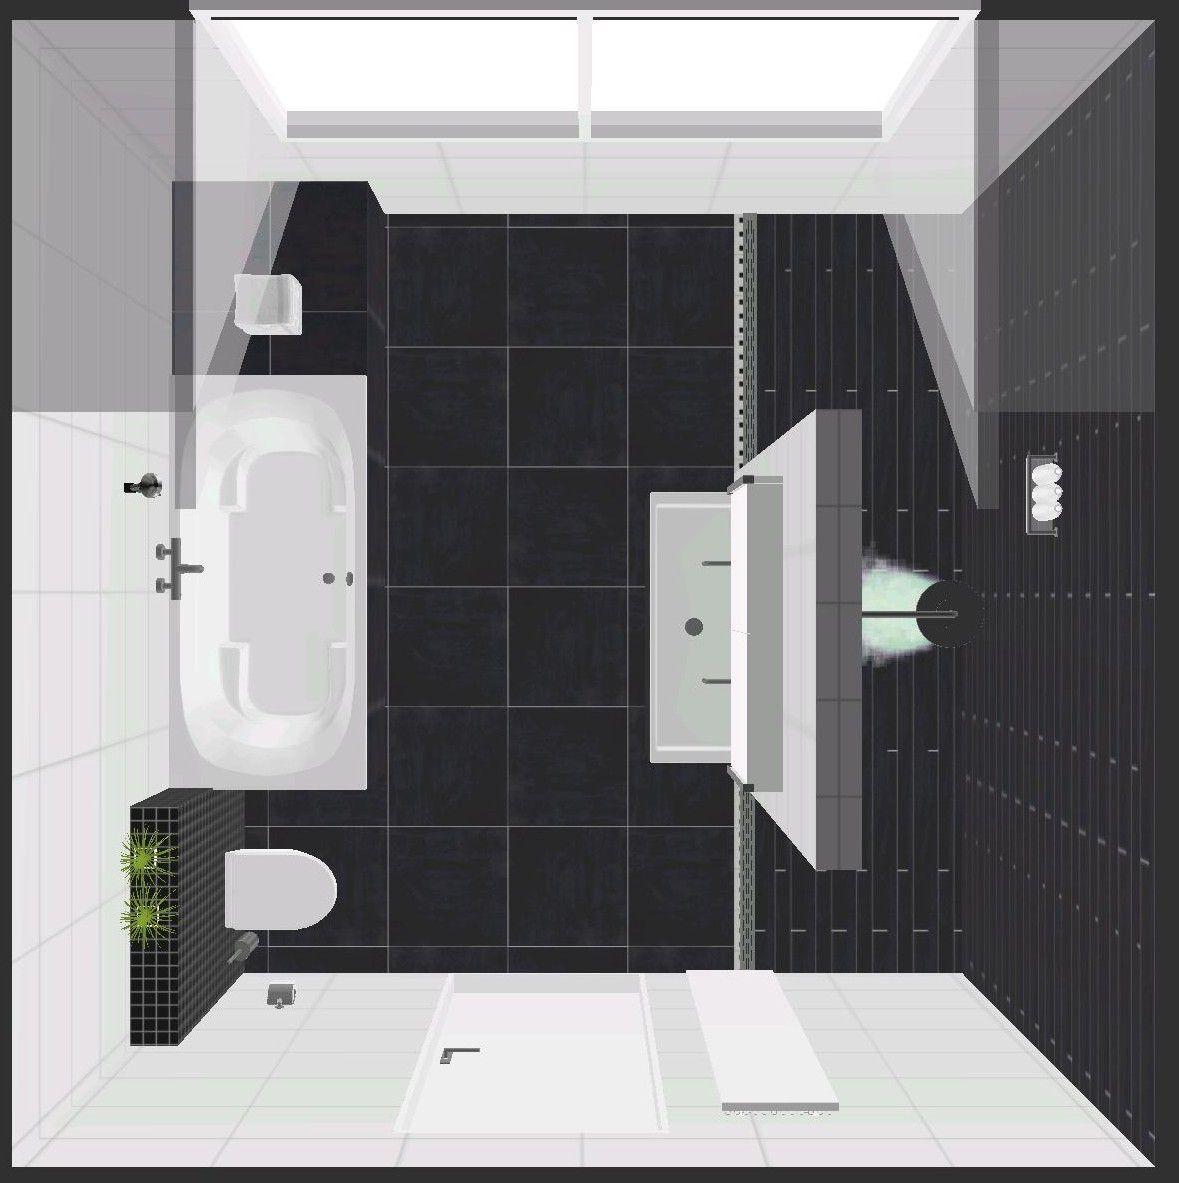 moderne badkamer met bubbelbad beterbad, inloopdouche, inbouw ...